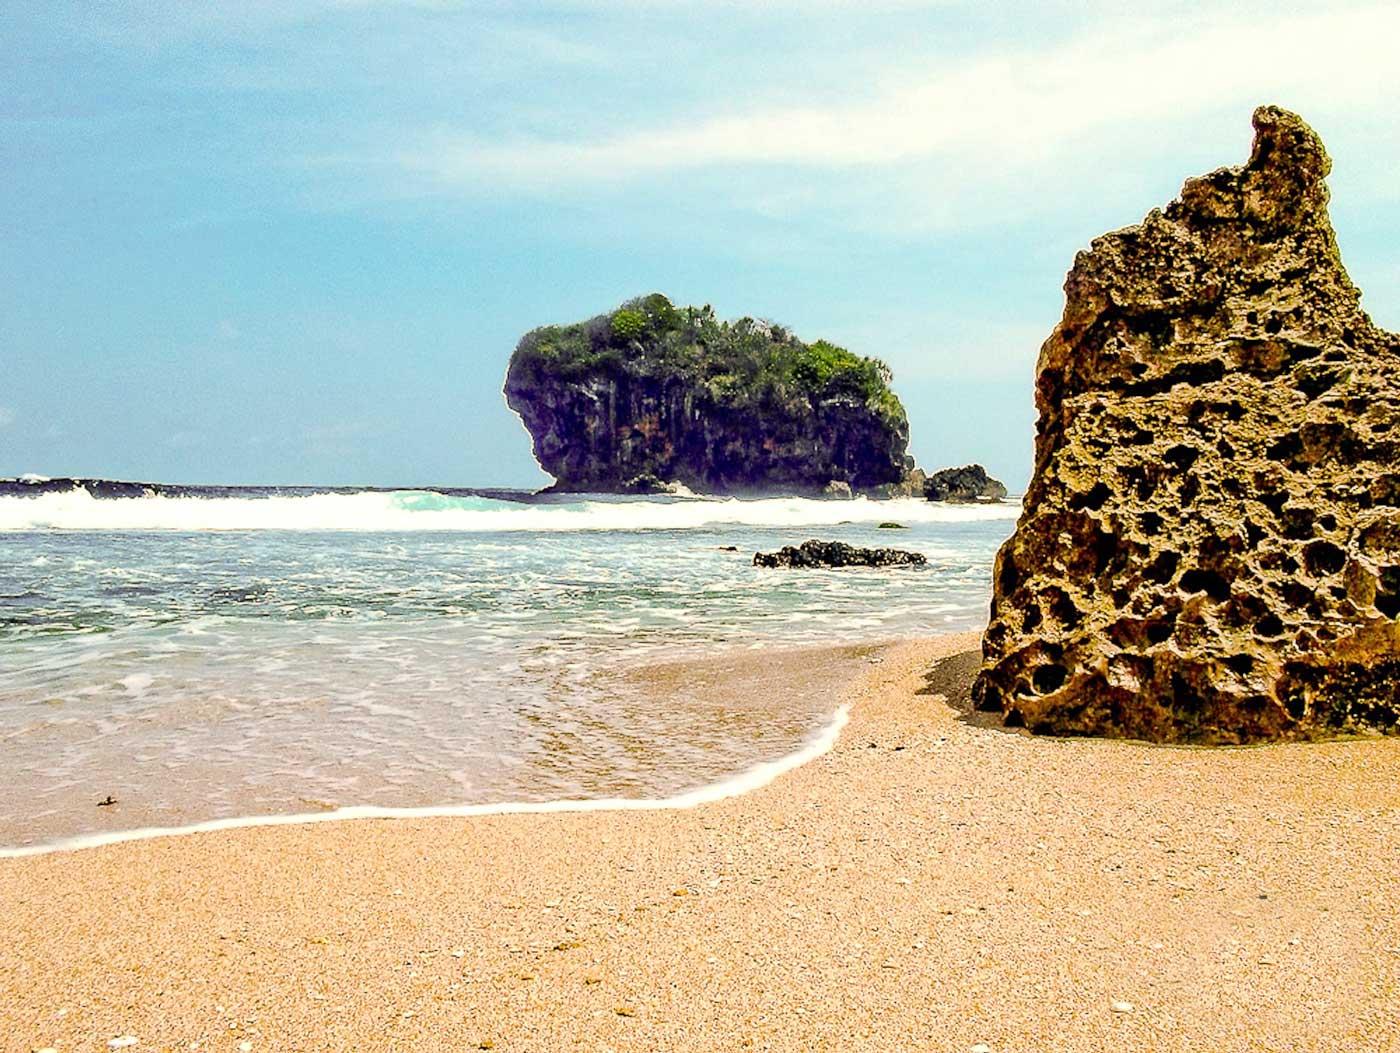 wisata jogja, Pantai, Pantai Jungwok, Perawan, Yogyakarta, Gunungkidul, Desa Jepitu, Kecamatan Girisubo, Backpacker ke Jogja, wisata alam, Pantai,